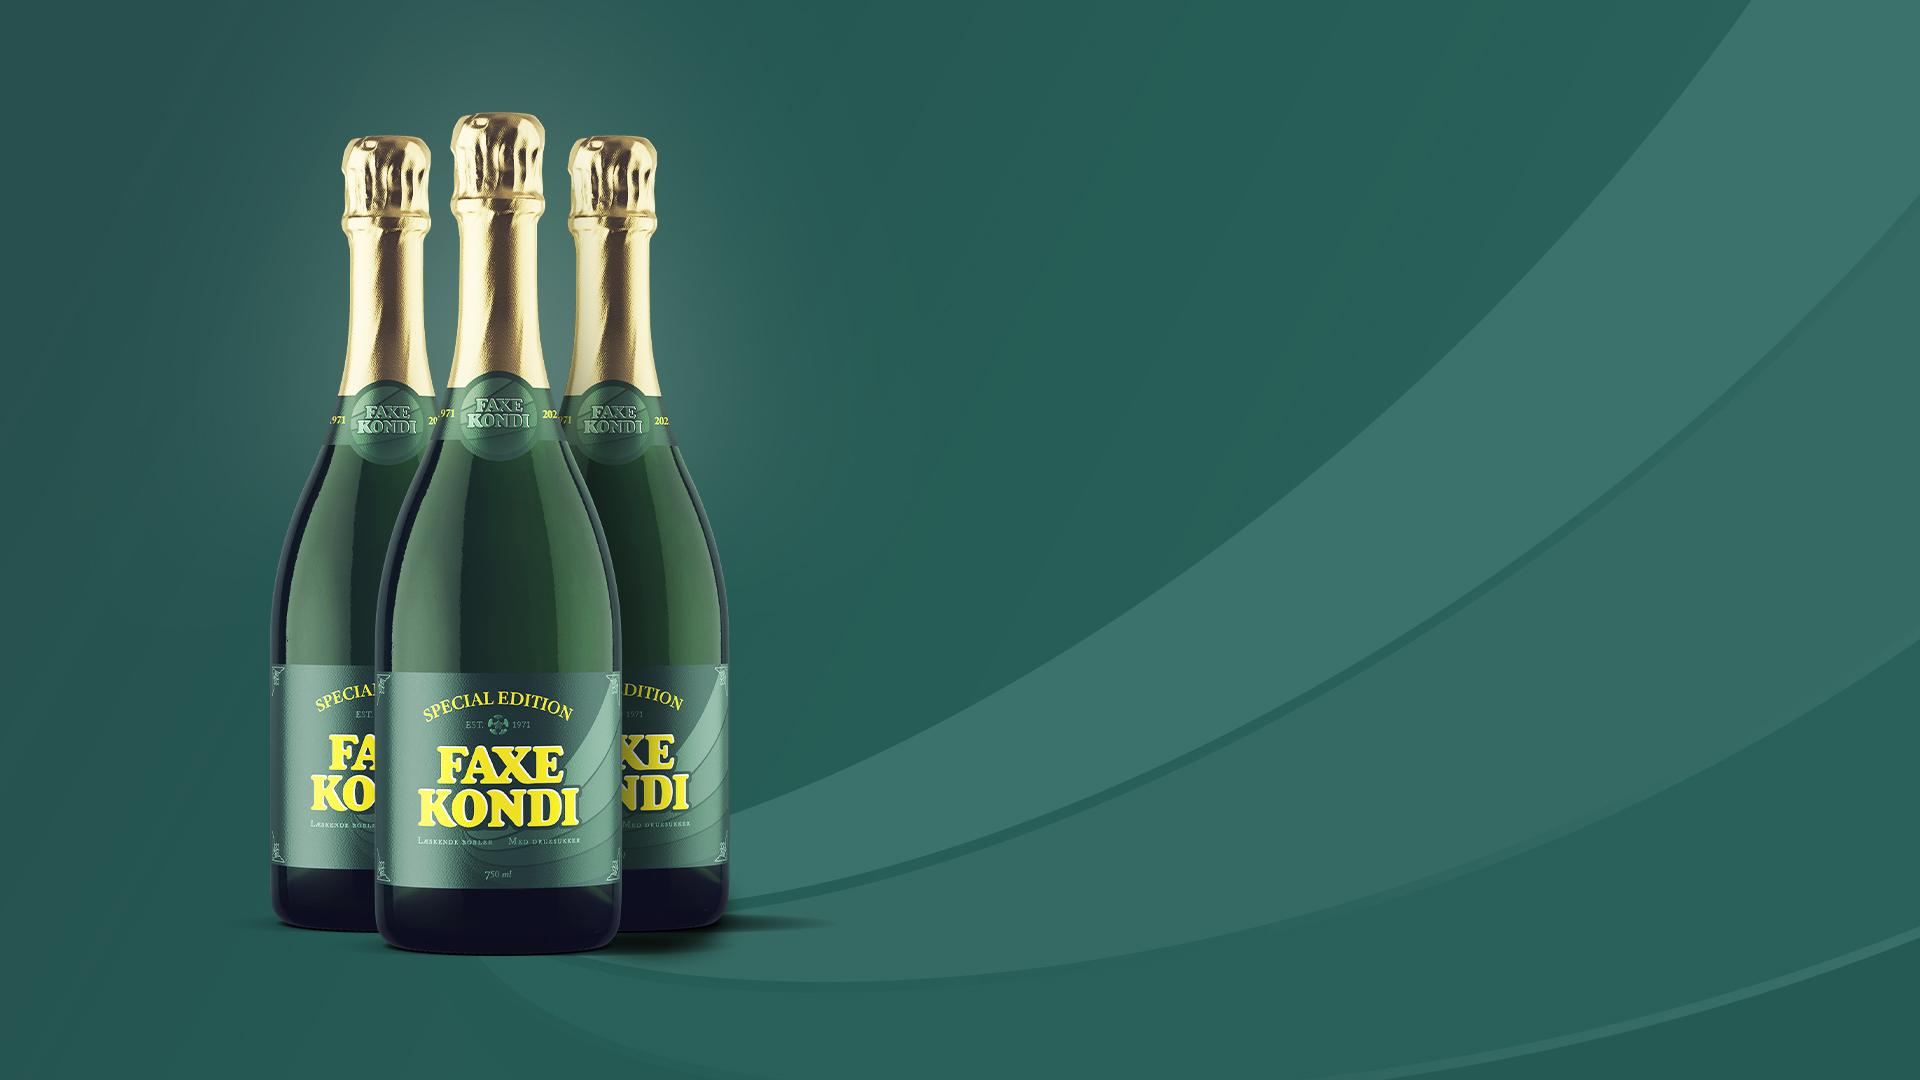 Fejrer 50 års jubilæum: Nu kan du få Faxe Kondi som champagne